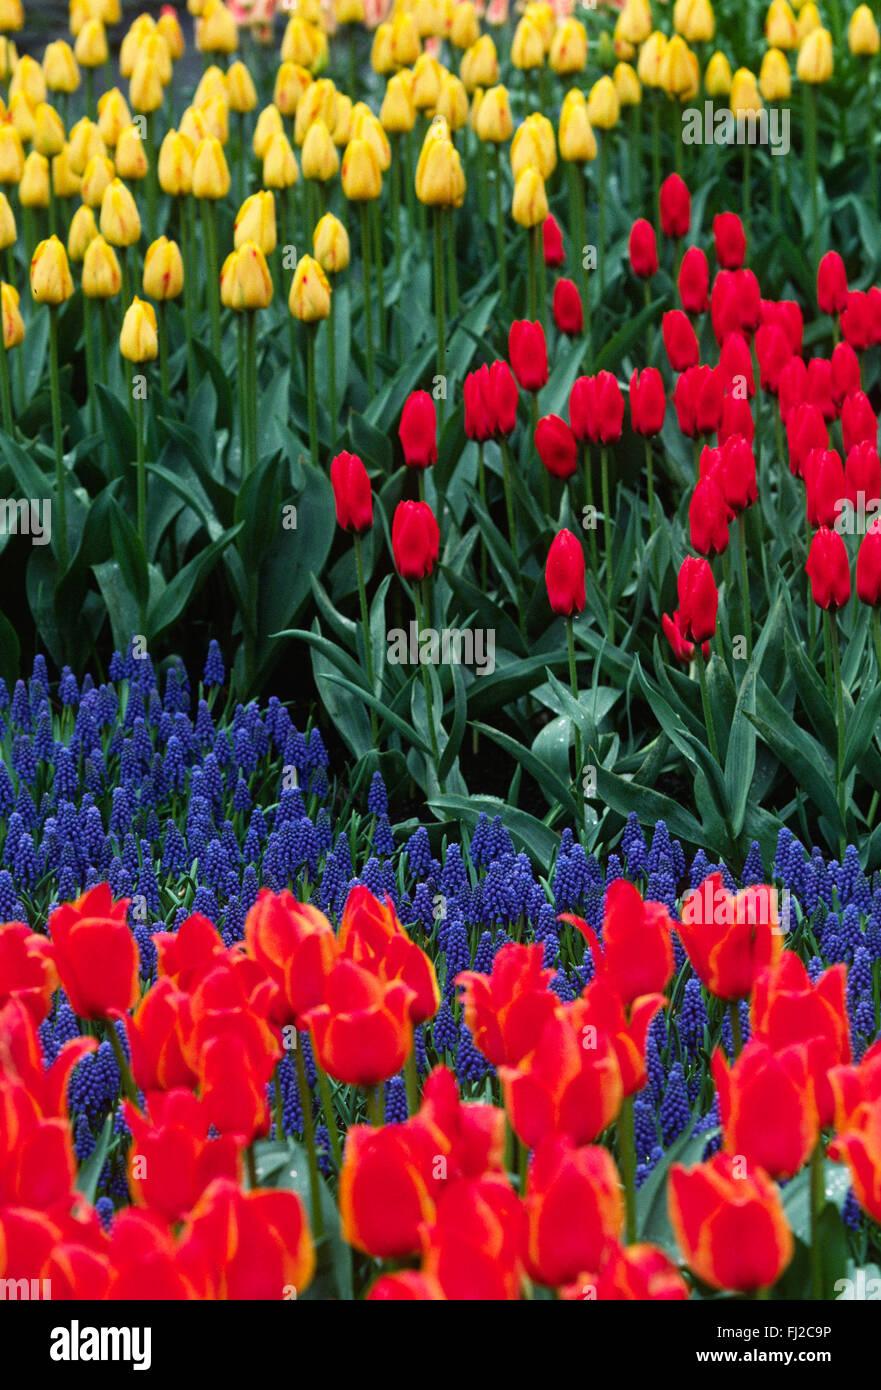 Niederlande Holland Tulpen Blumen Feld Stock Photos  Niederlande Holland Tulpen Blumen Feld